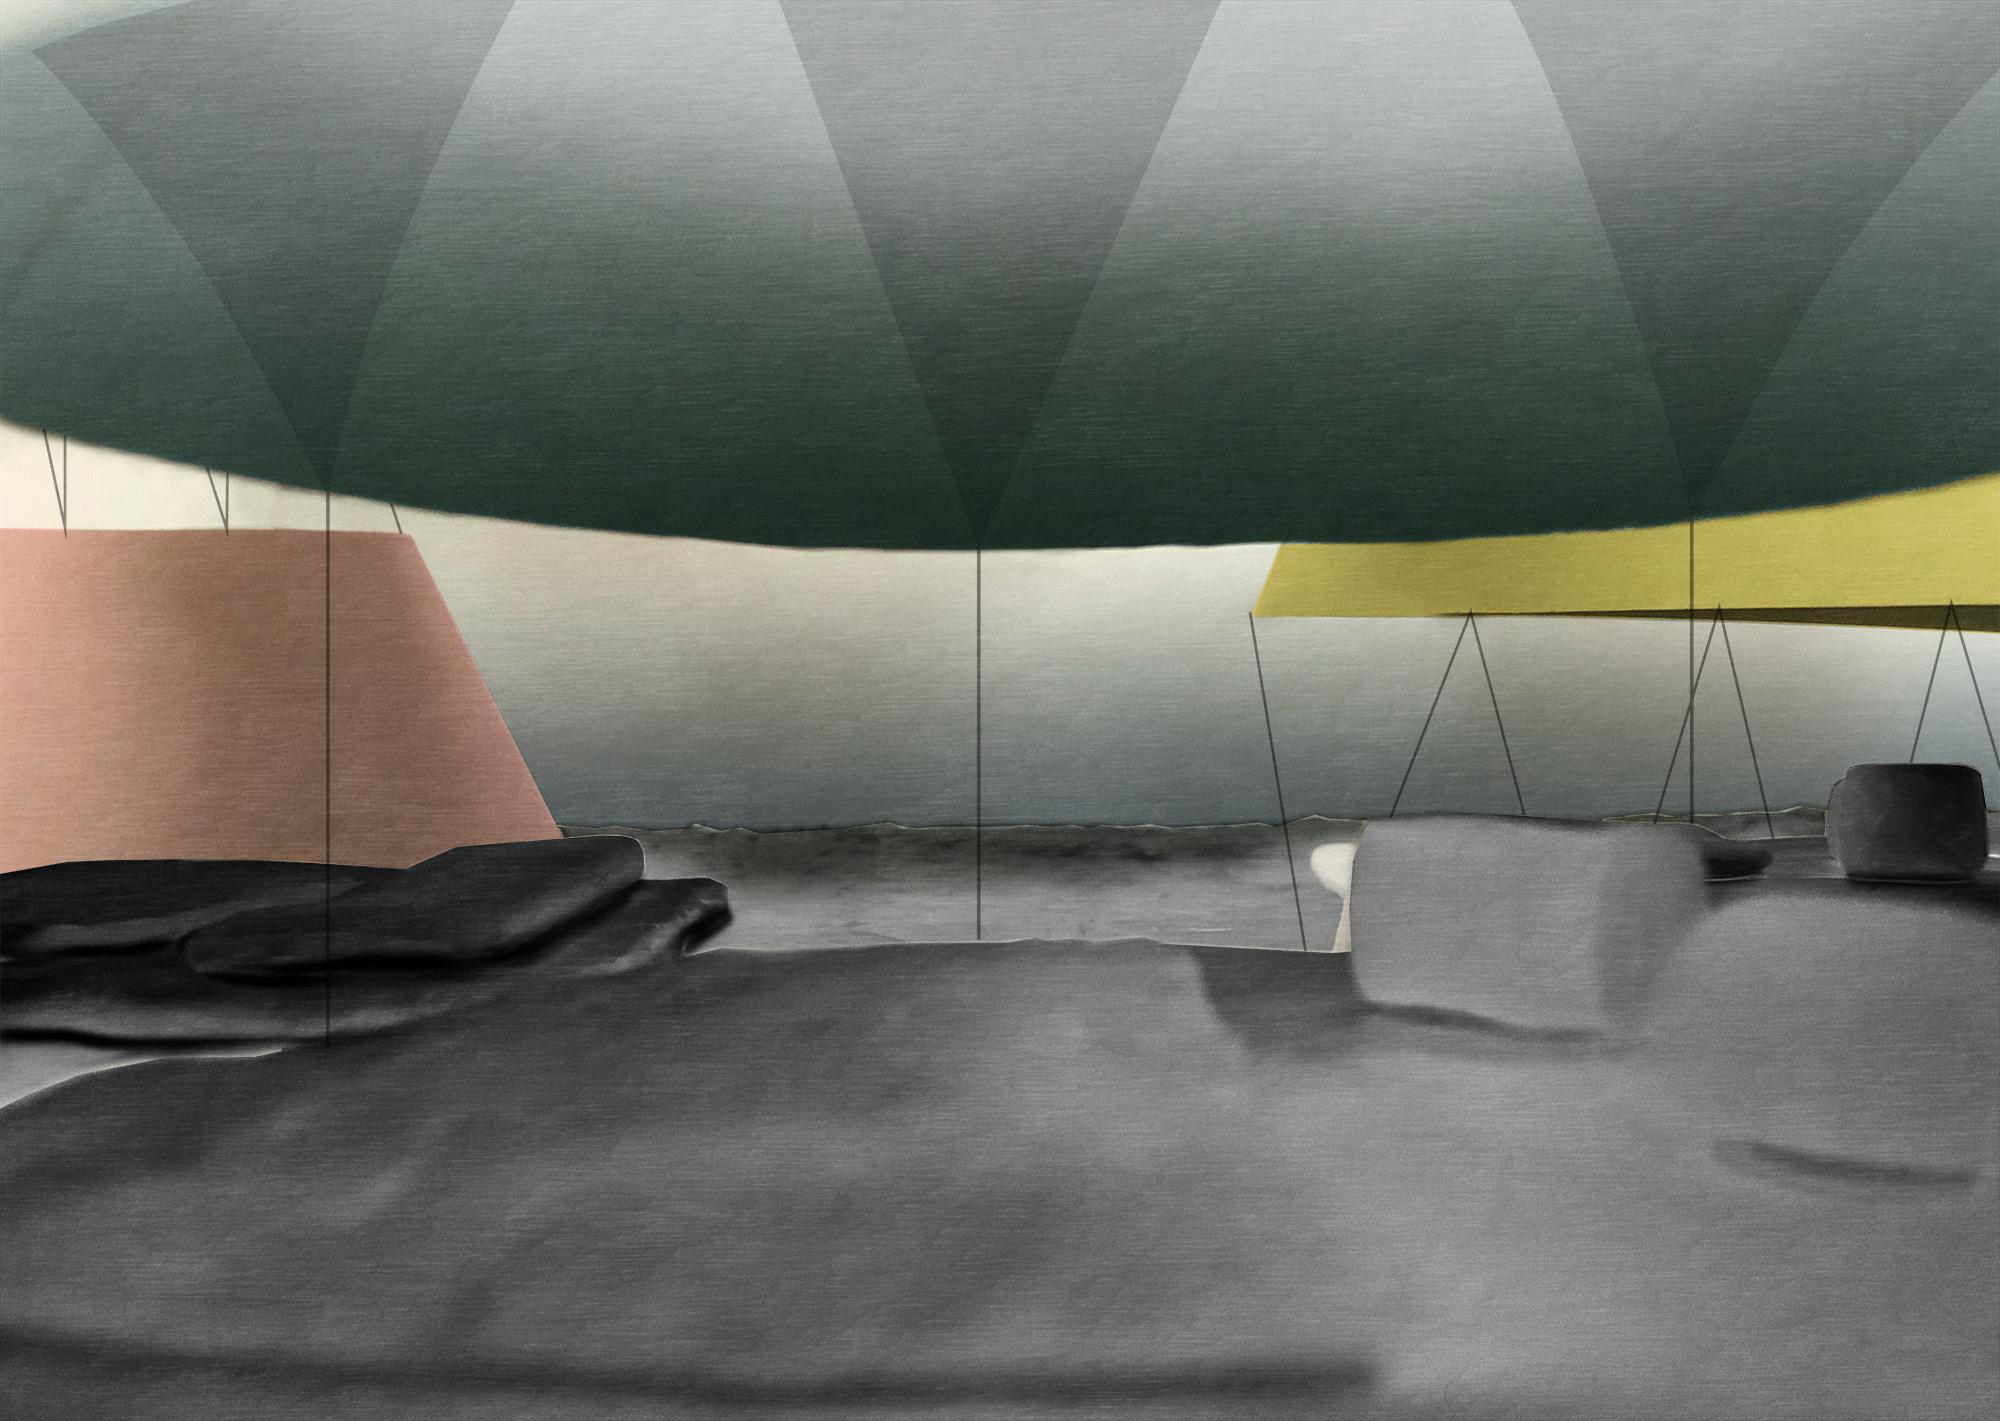 AATD_tents_inside.jpg